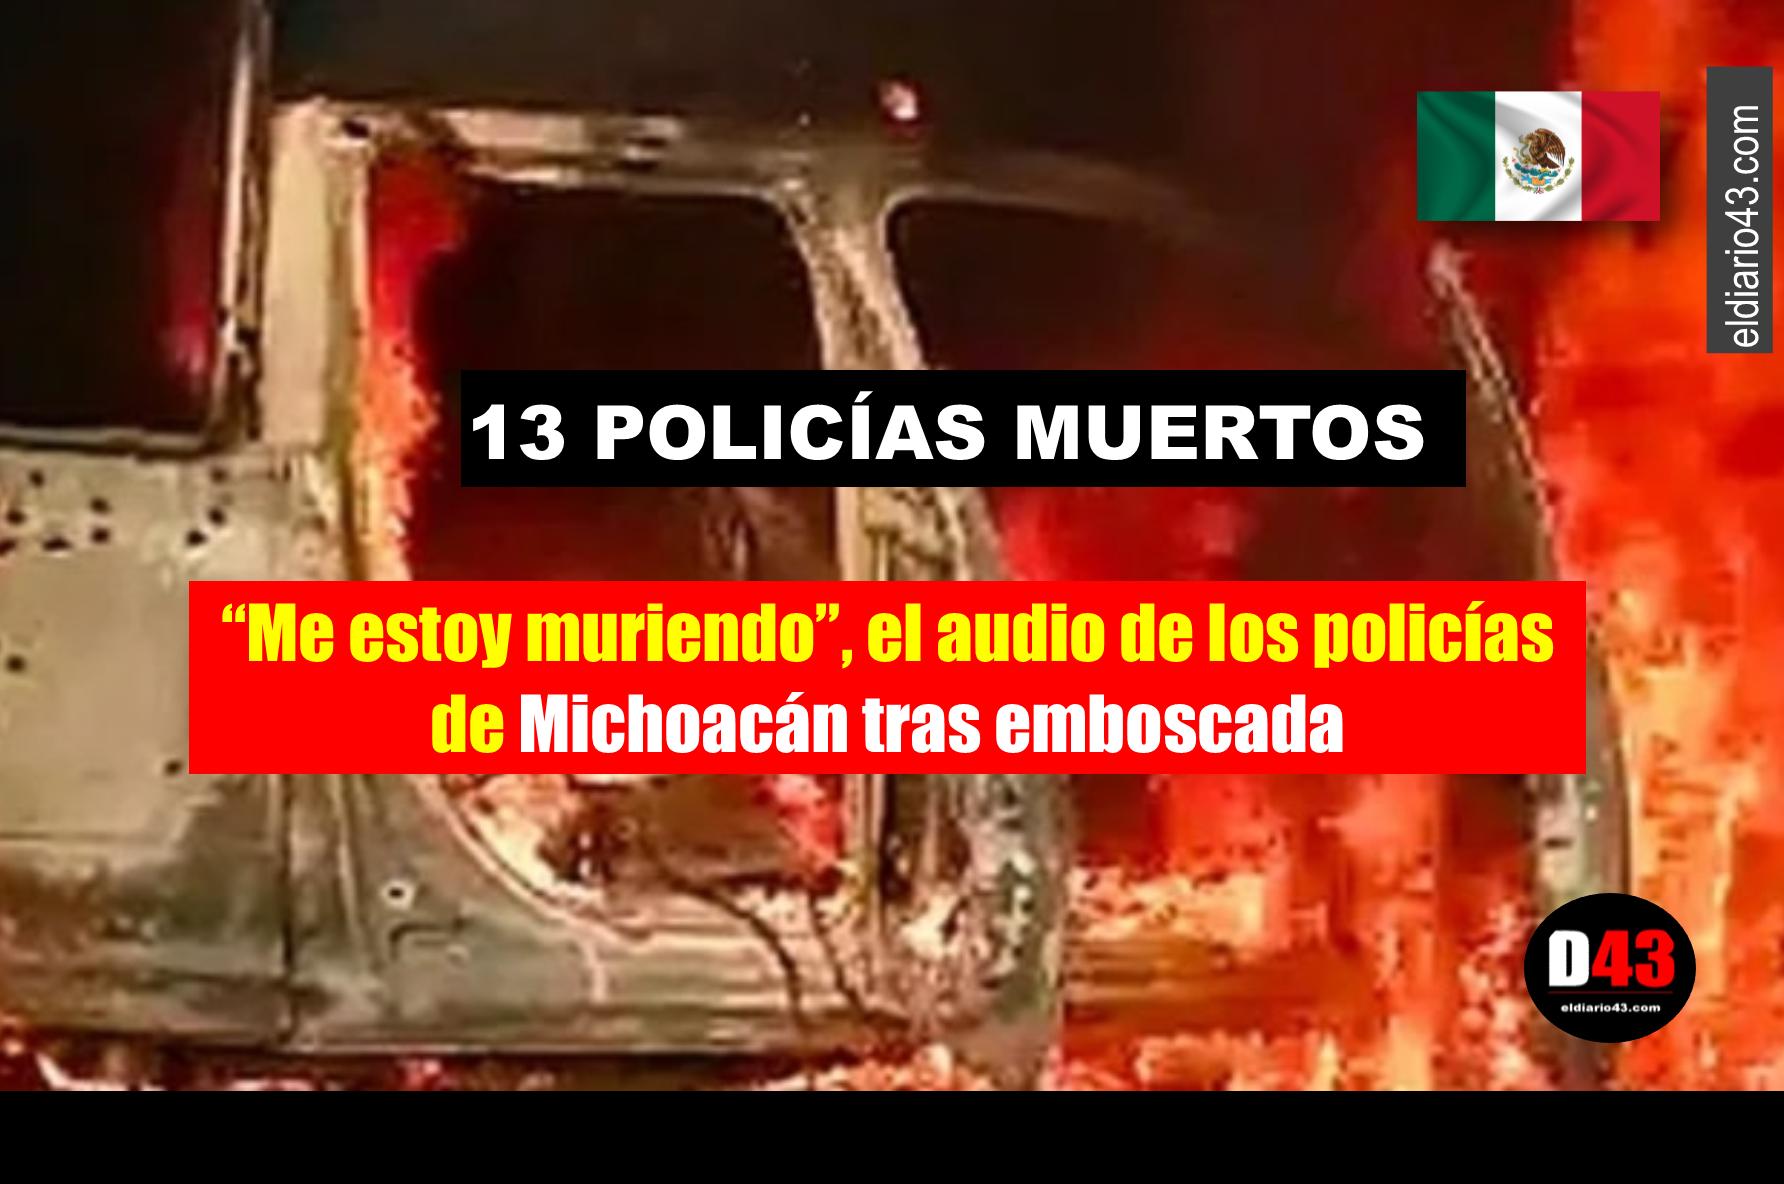 Emboscada a policías de Michoacán fue reivindicada por el CJNG